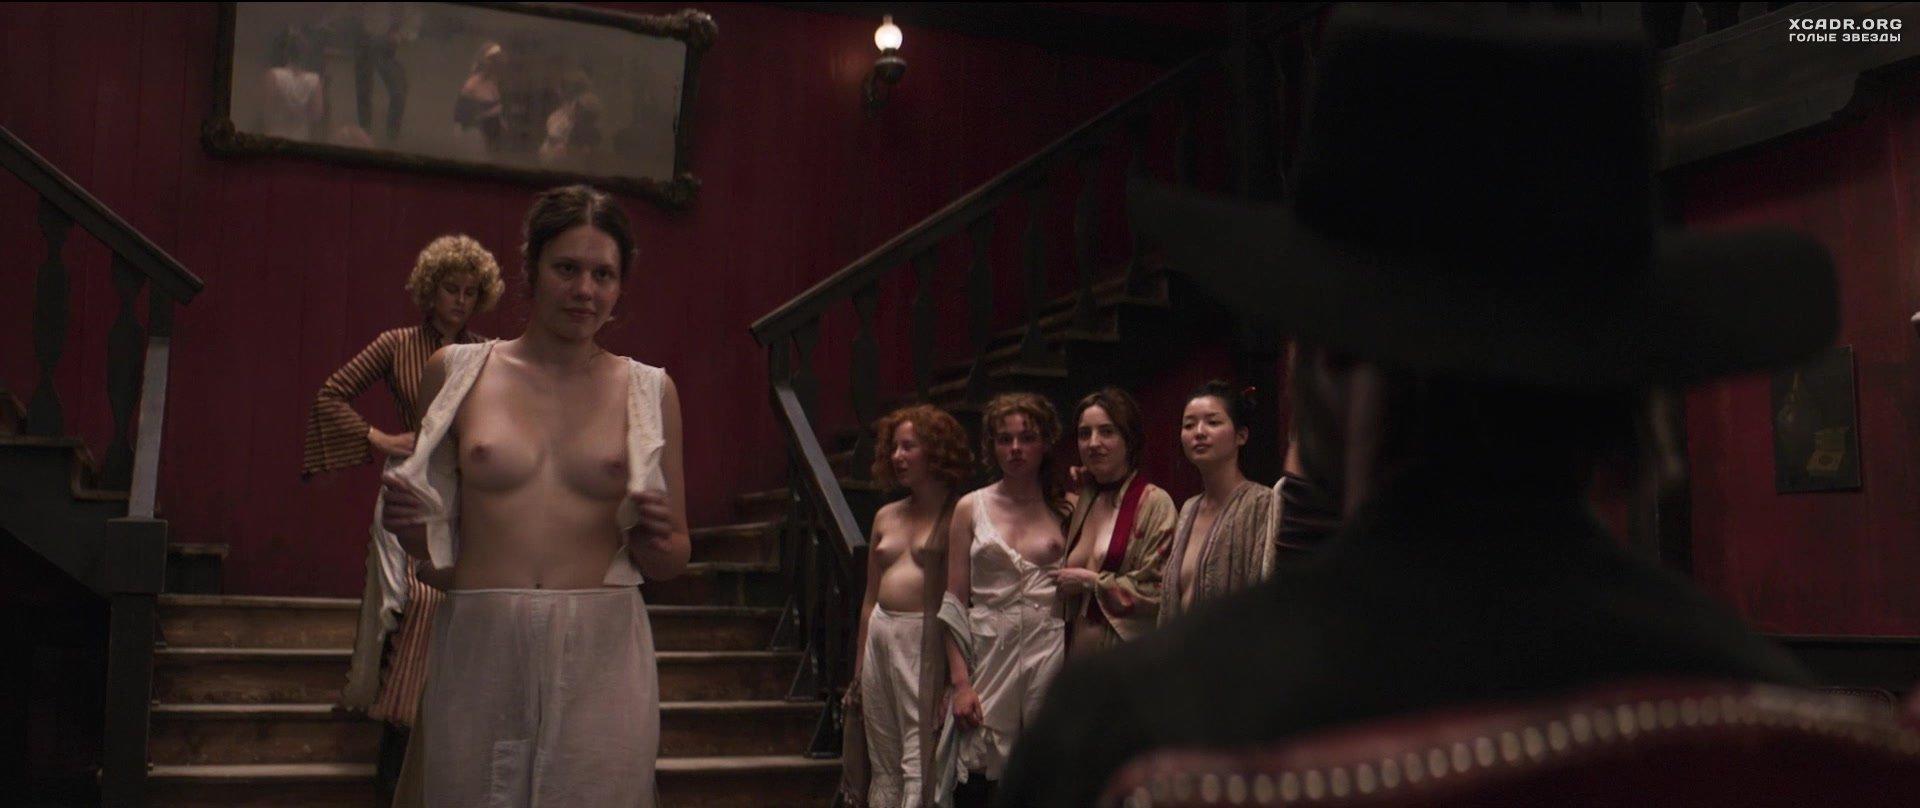 Проститутки film